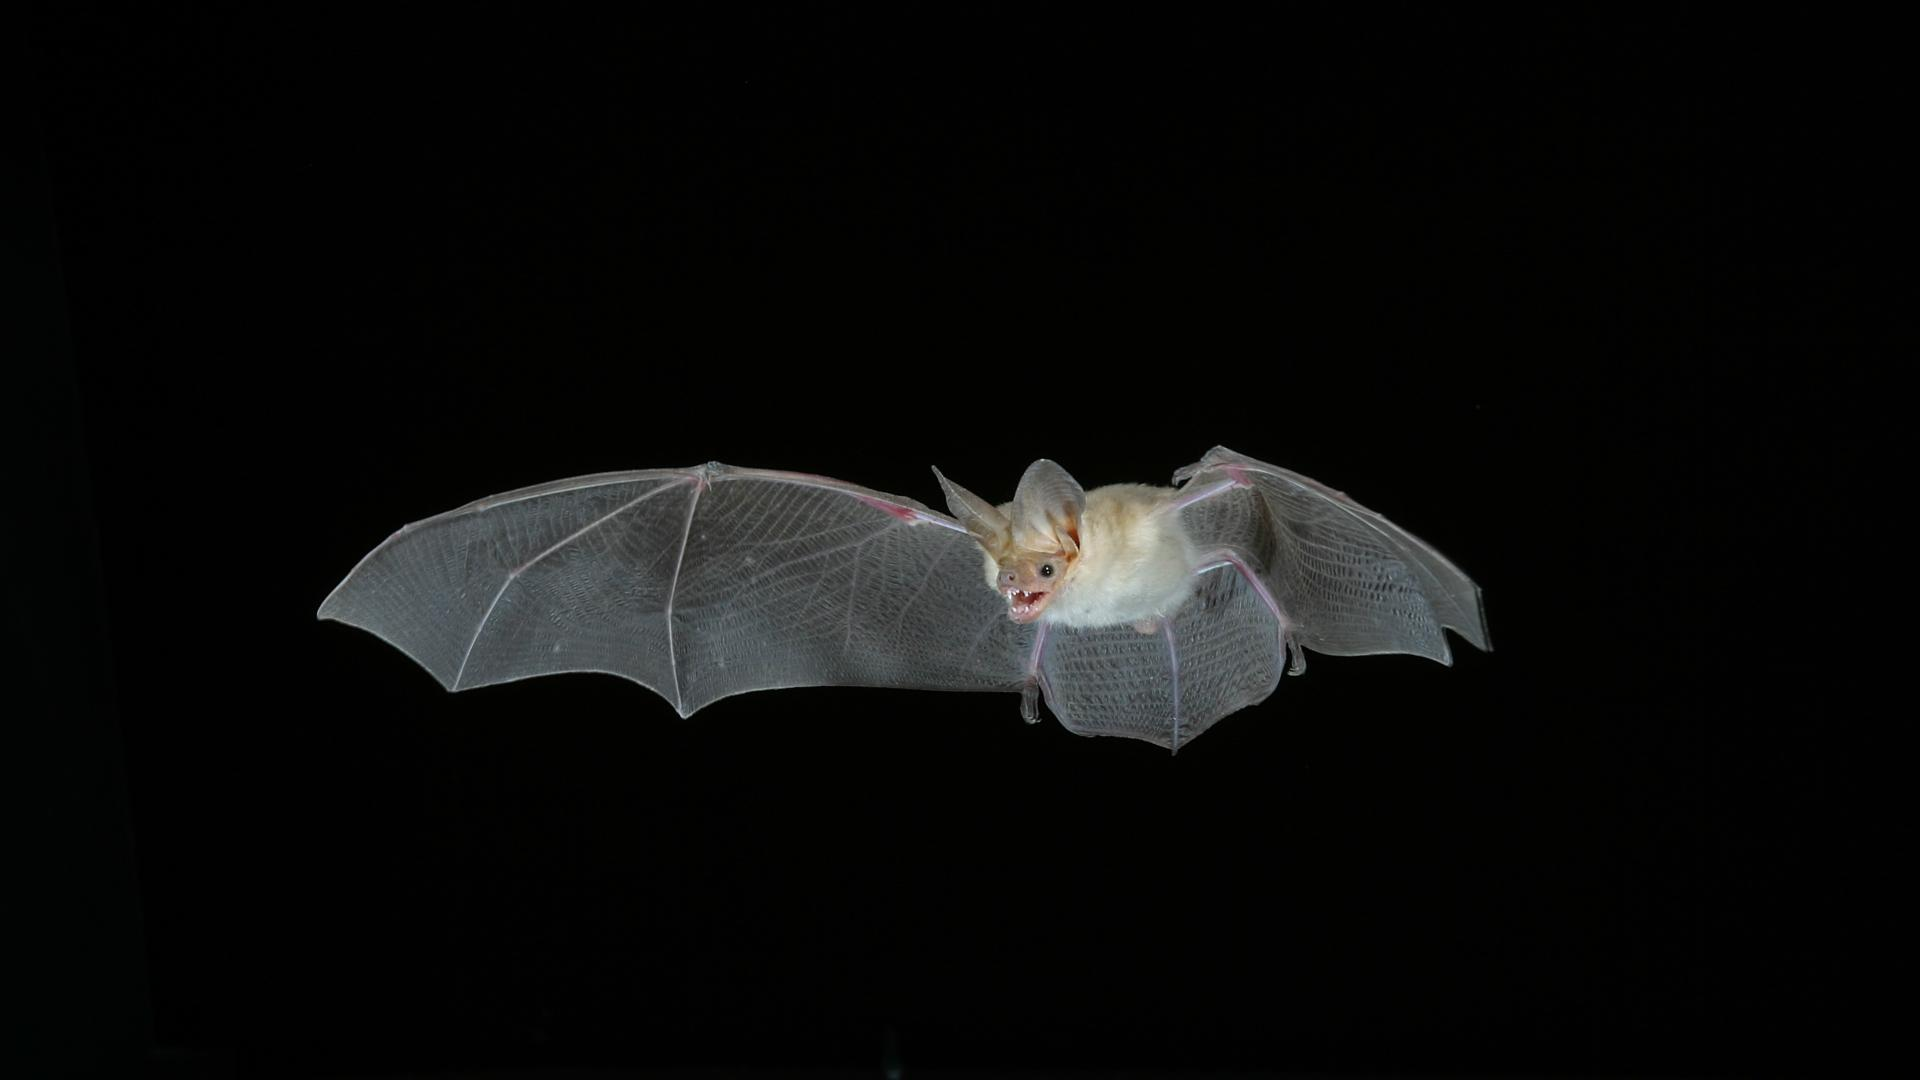 Биологи изучили гены рекордсменов долгожительства — летучих мышей